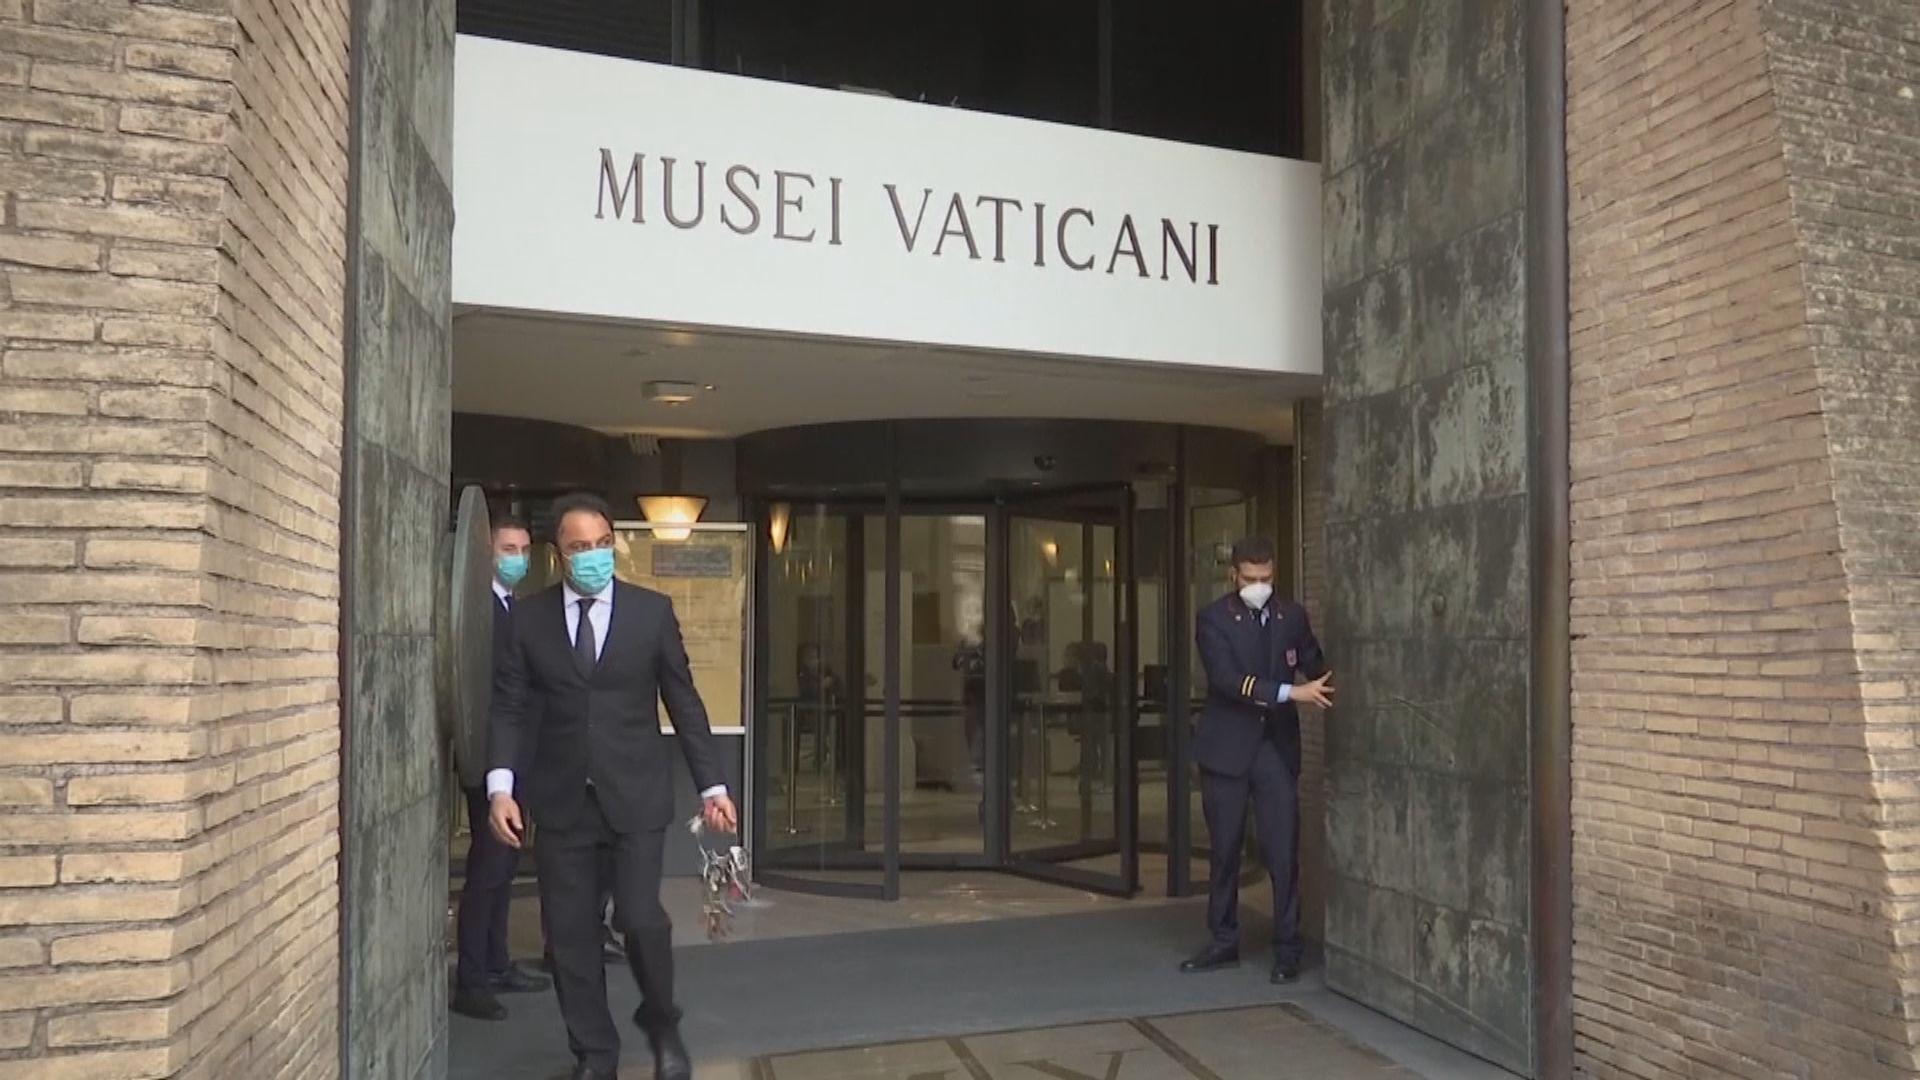 【環球薈報】梵蒂岡博物館關閉近兩個月後重開